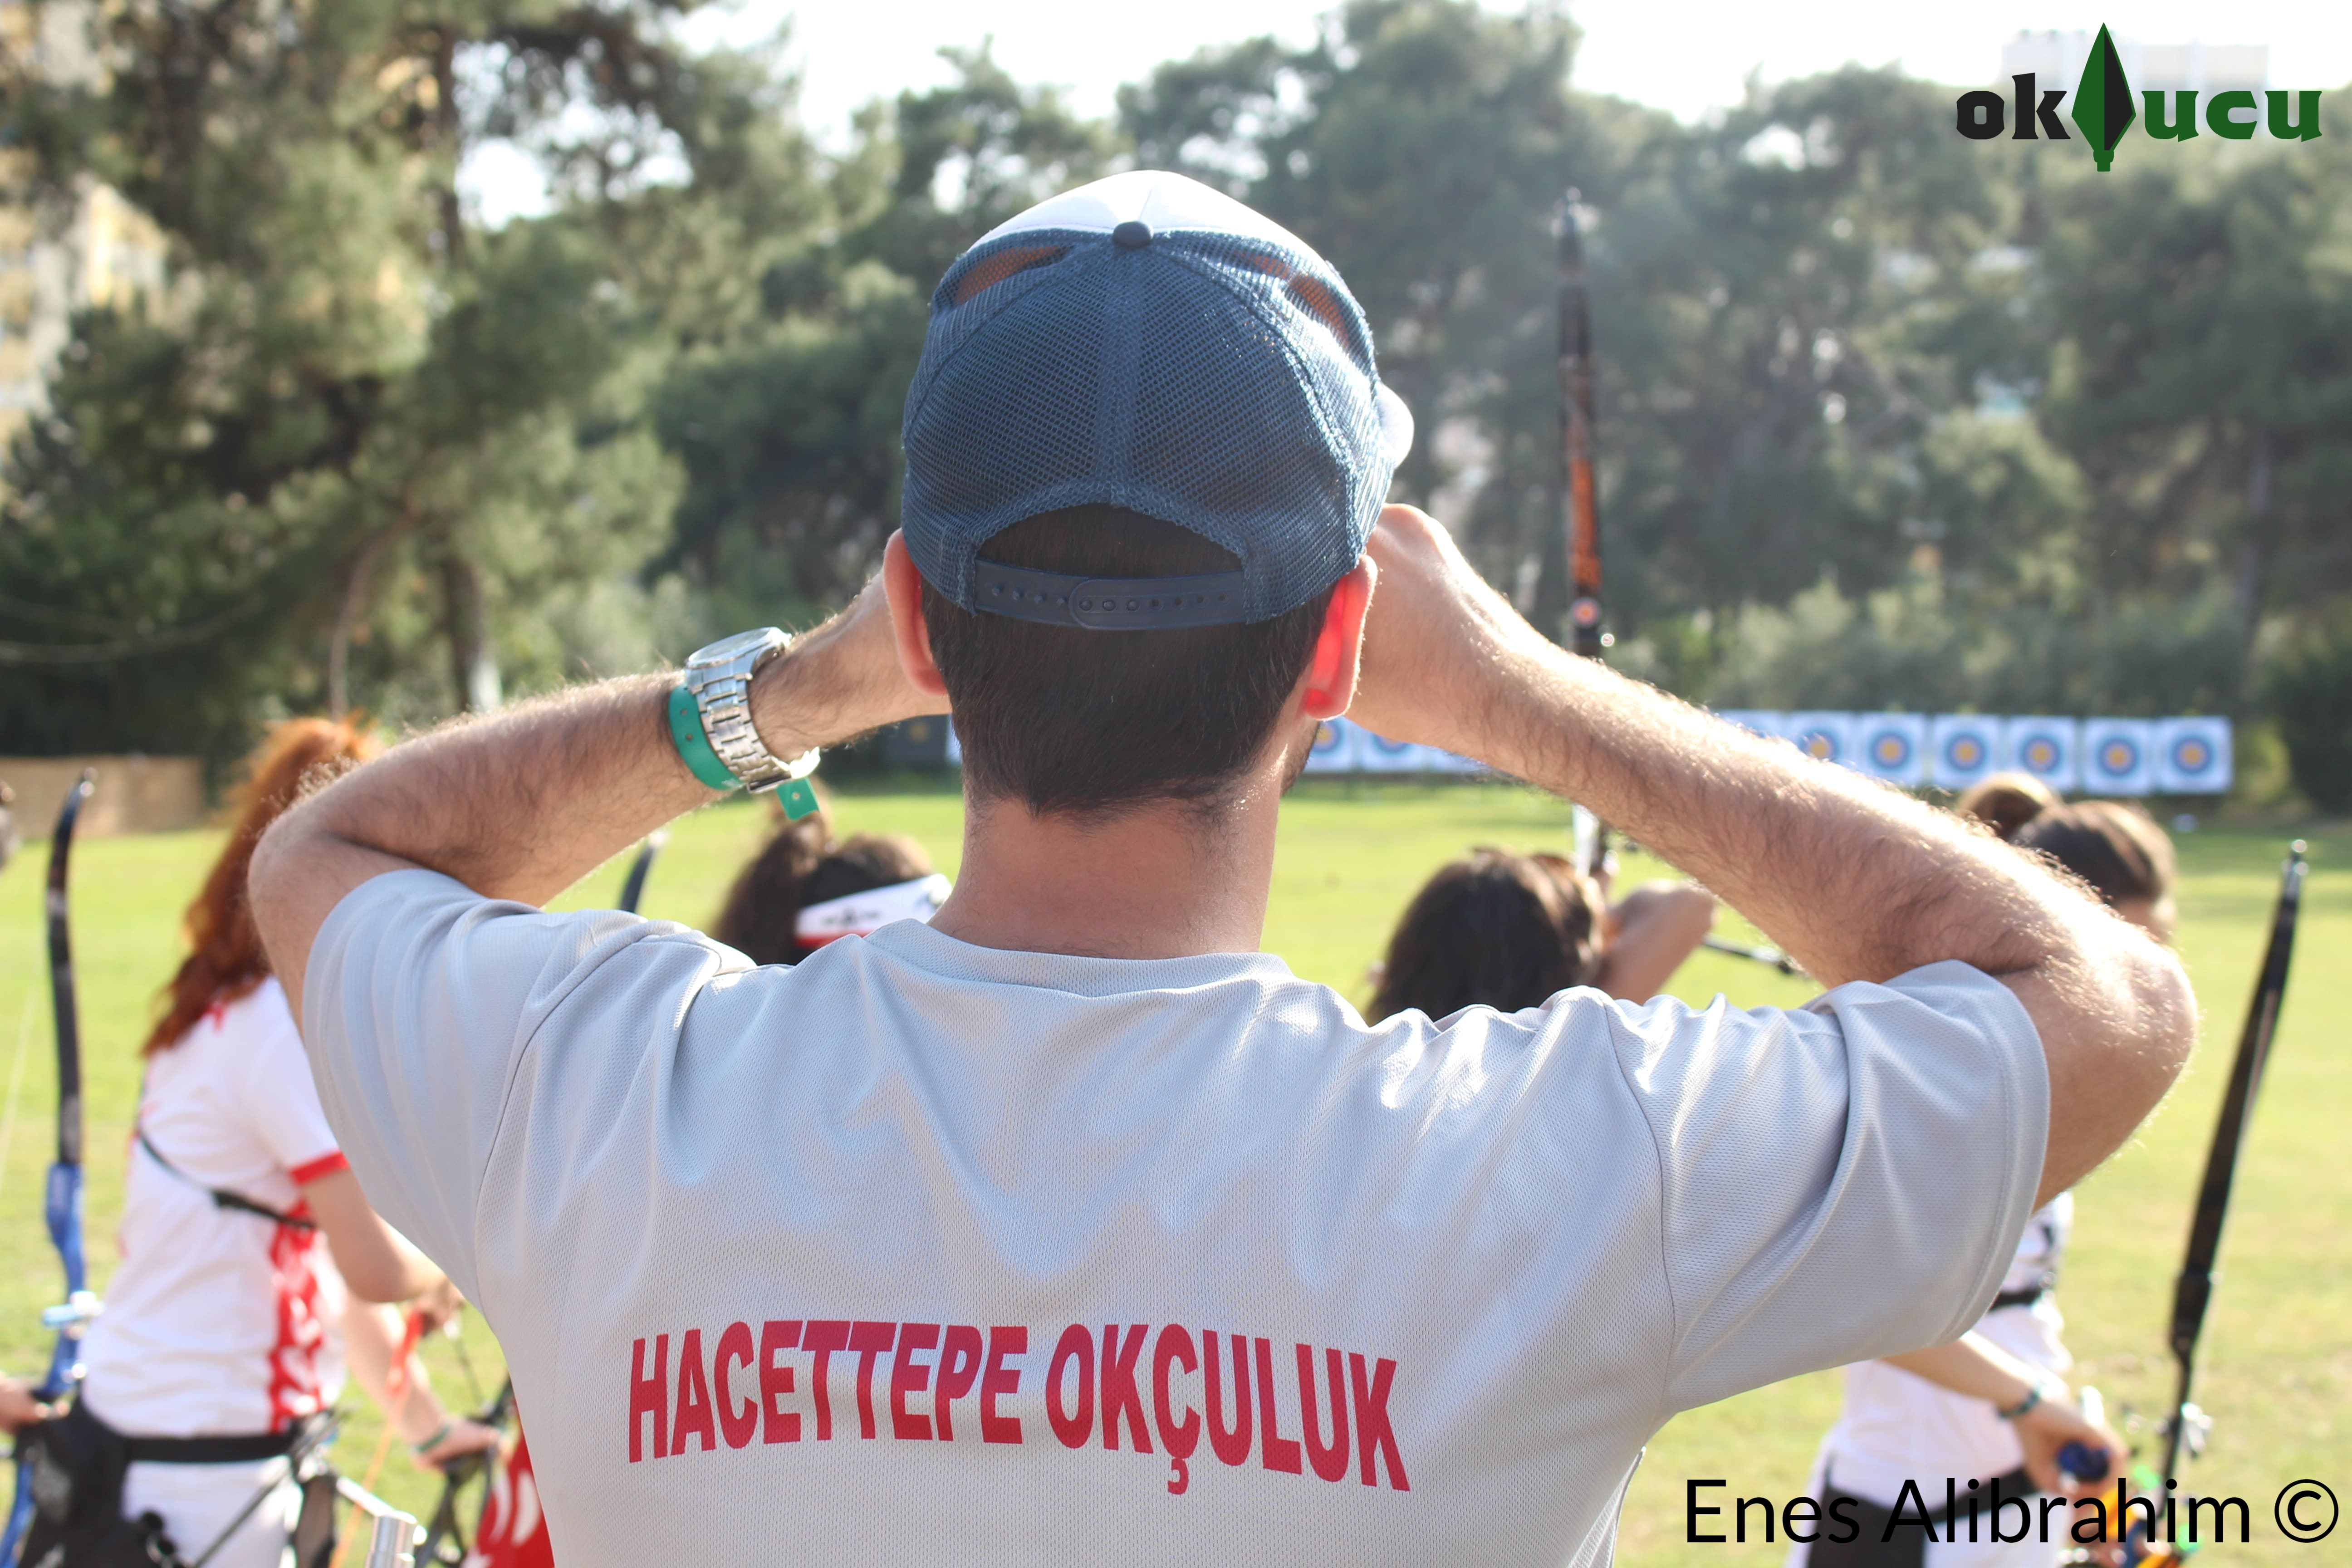 koç fest okçuluk yarışması, türkiye üniversiteler okçuluk yarışması